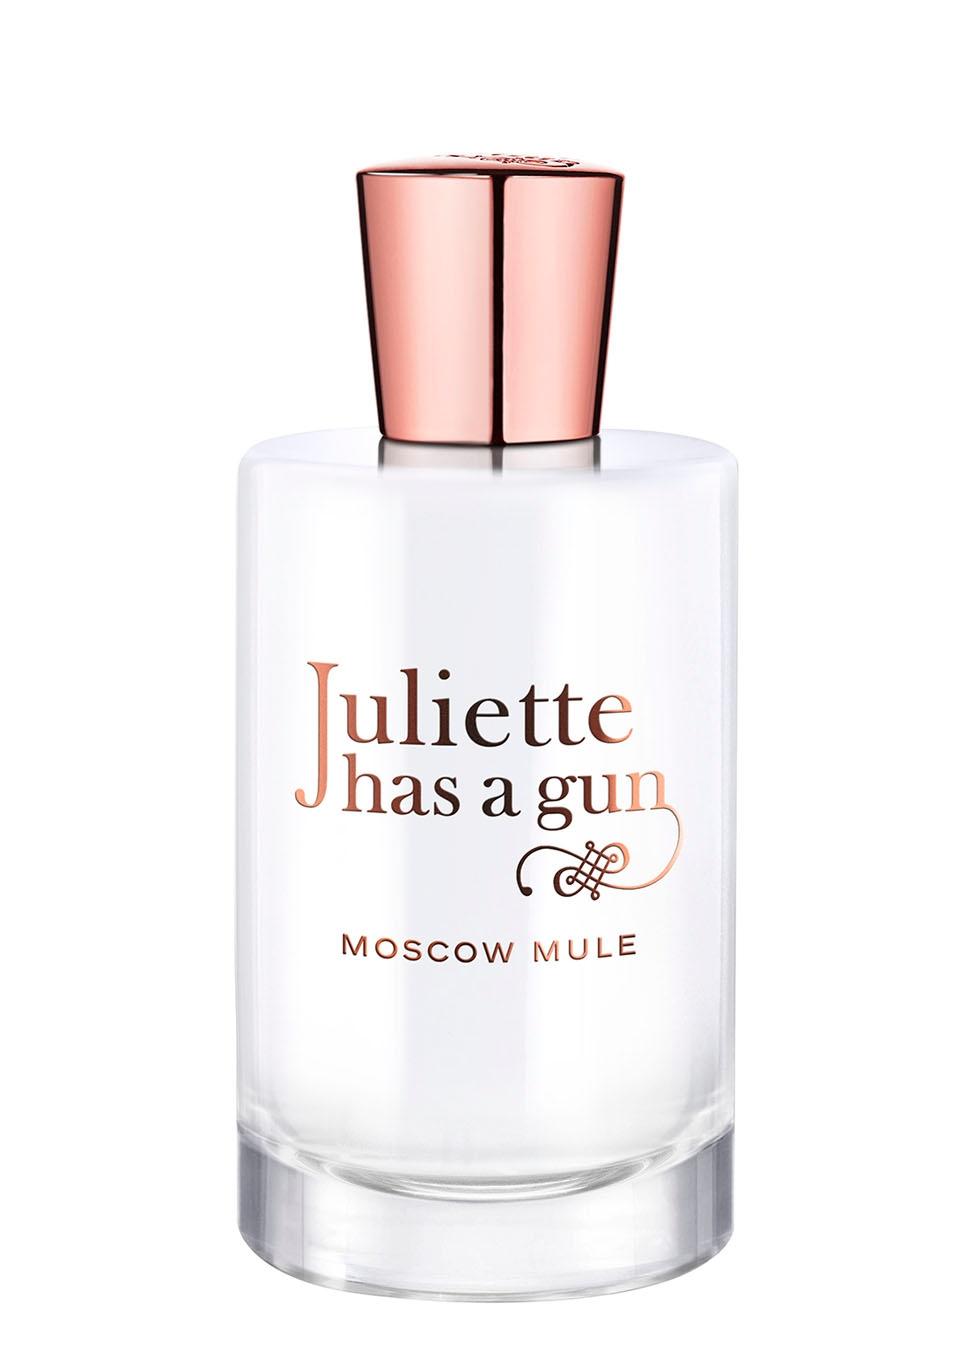 Moscow Mule Eau De Parfum 100ml - Juliette Has a Gun